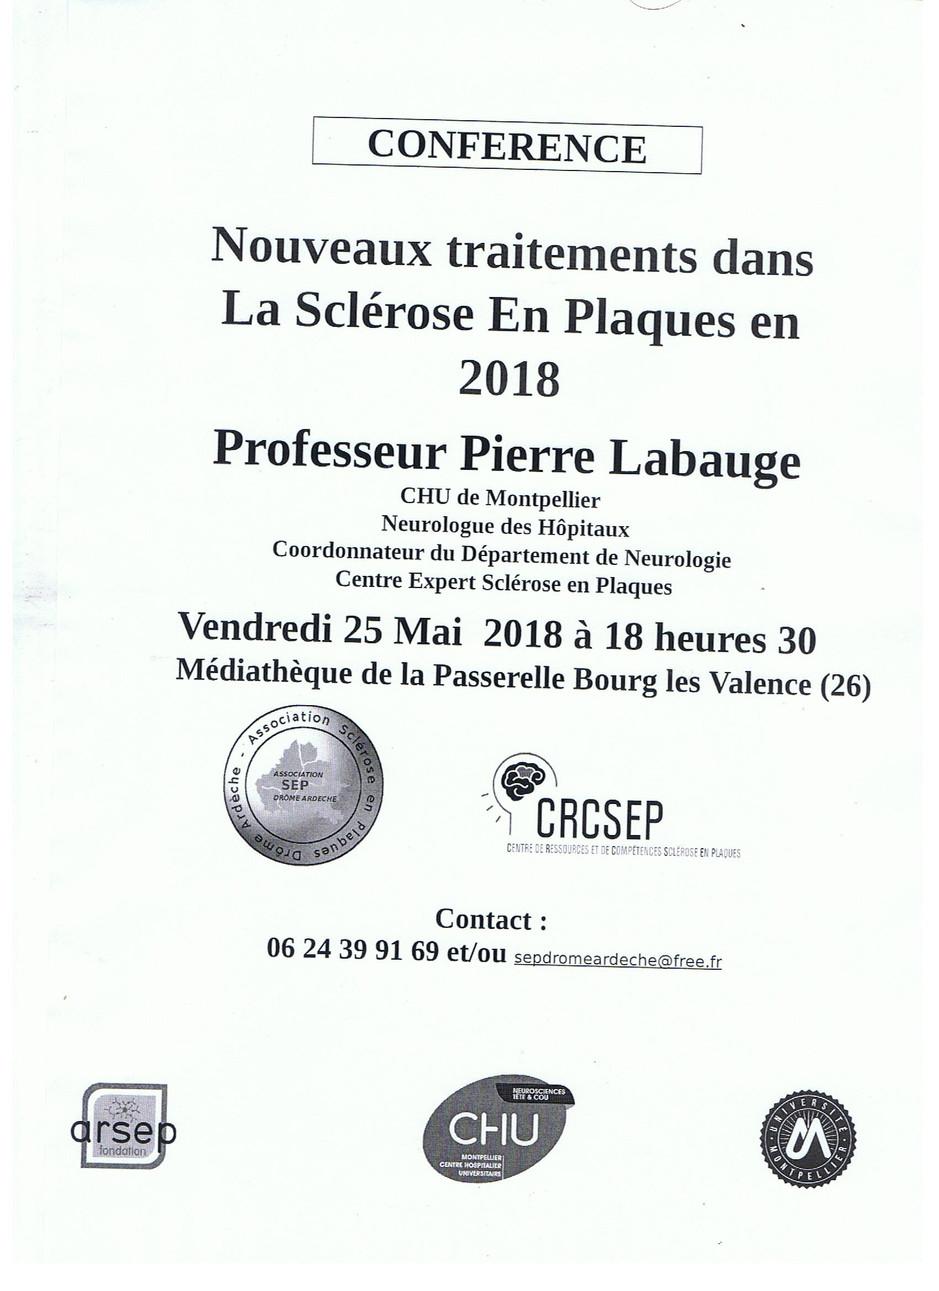 Conférence sur les nouveaux traitements sur la Sclérose en plaques